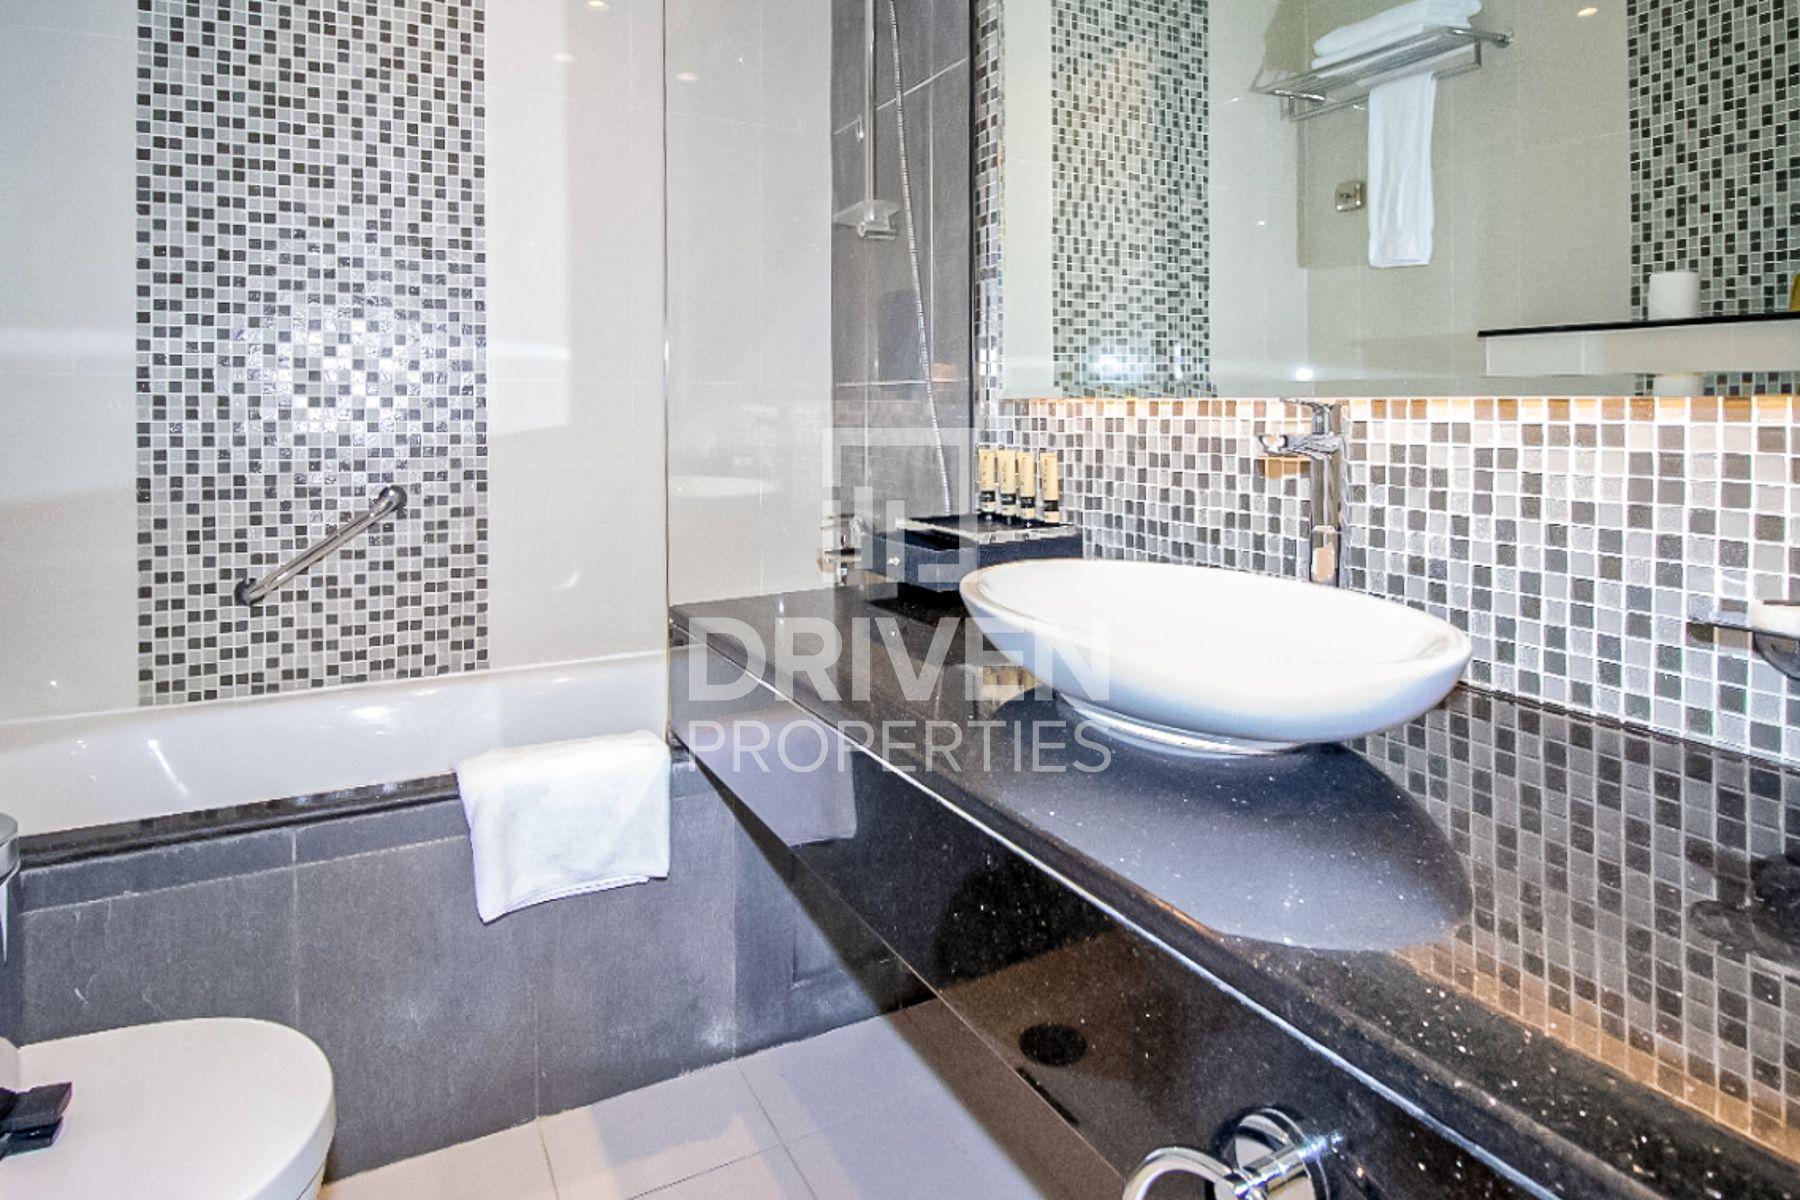 للبيع - شقة - داماك ميزون ذا ديستنكشن - دبي وسط المدينة